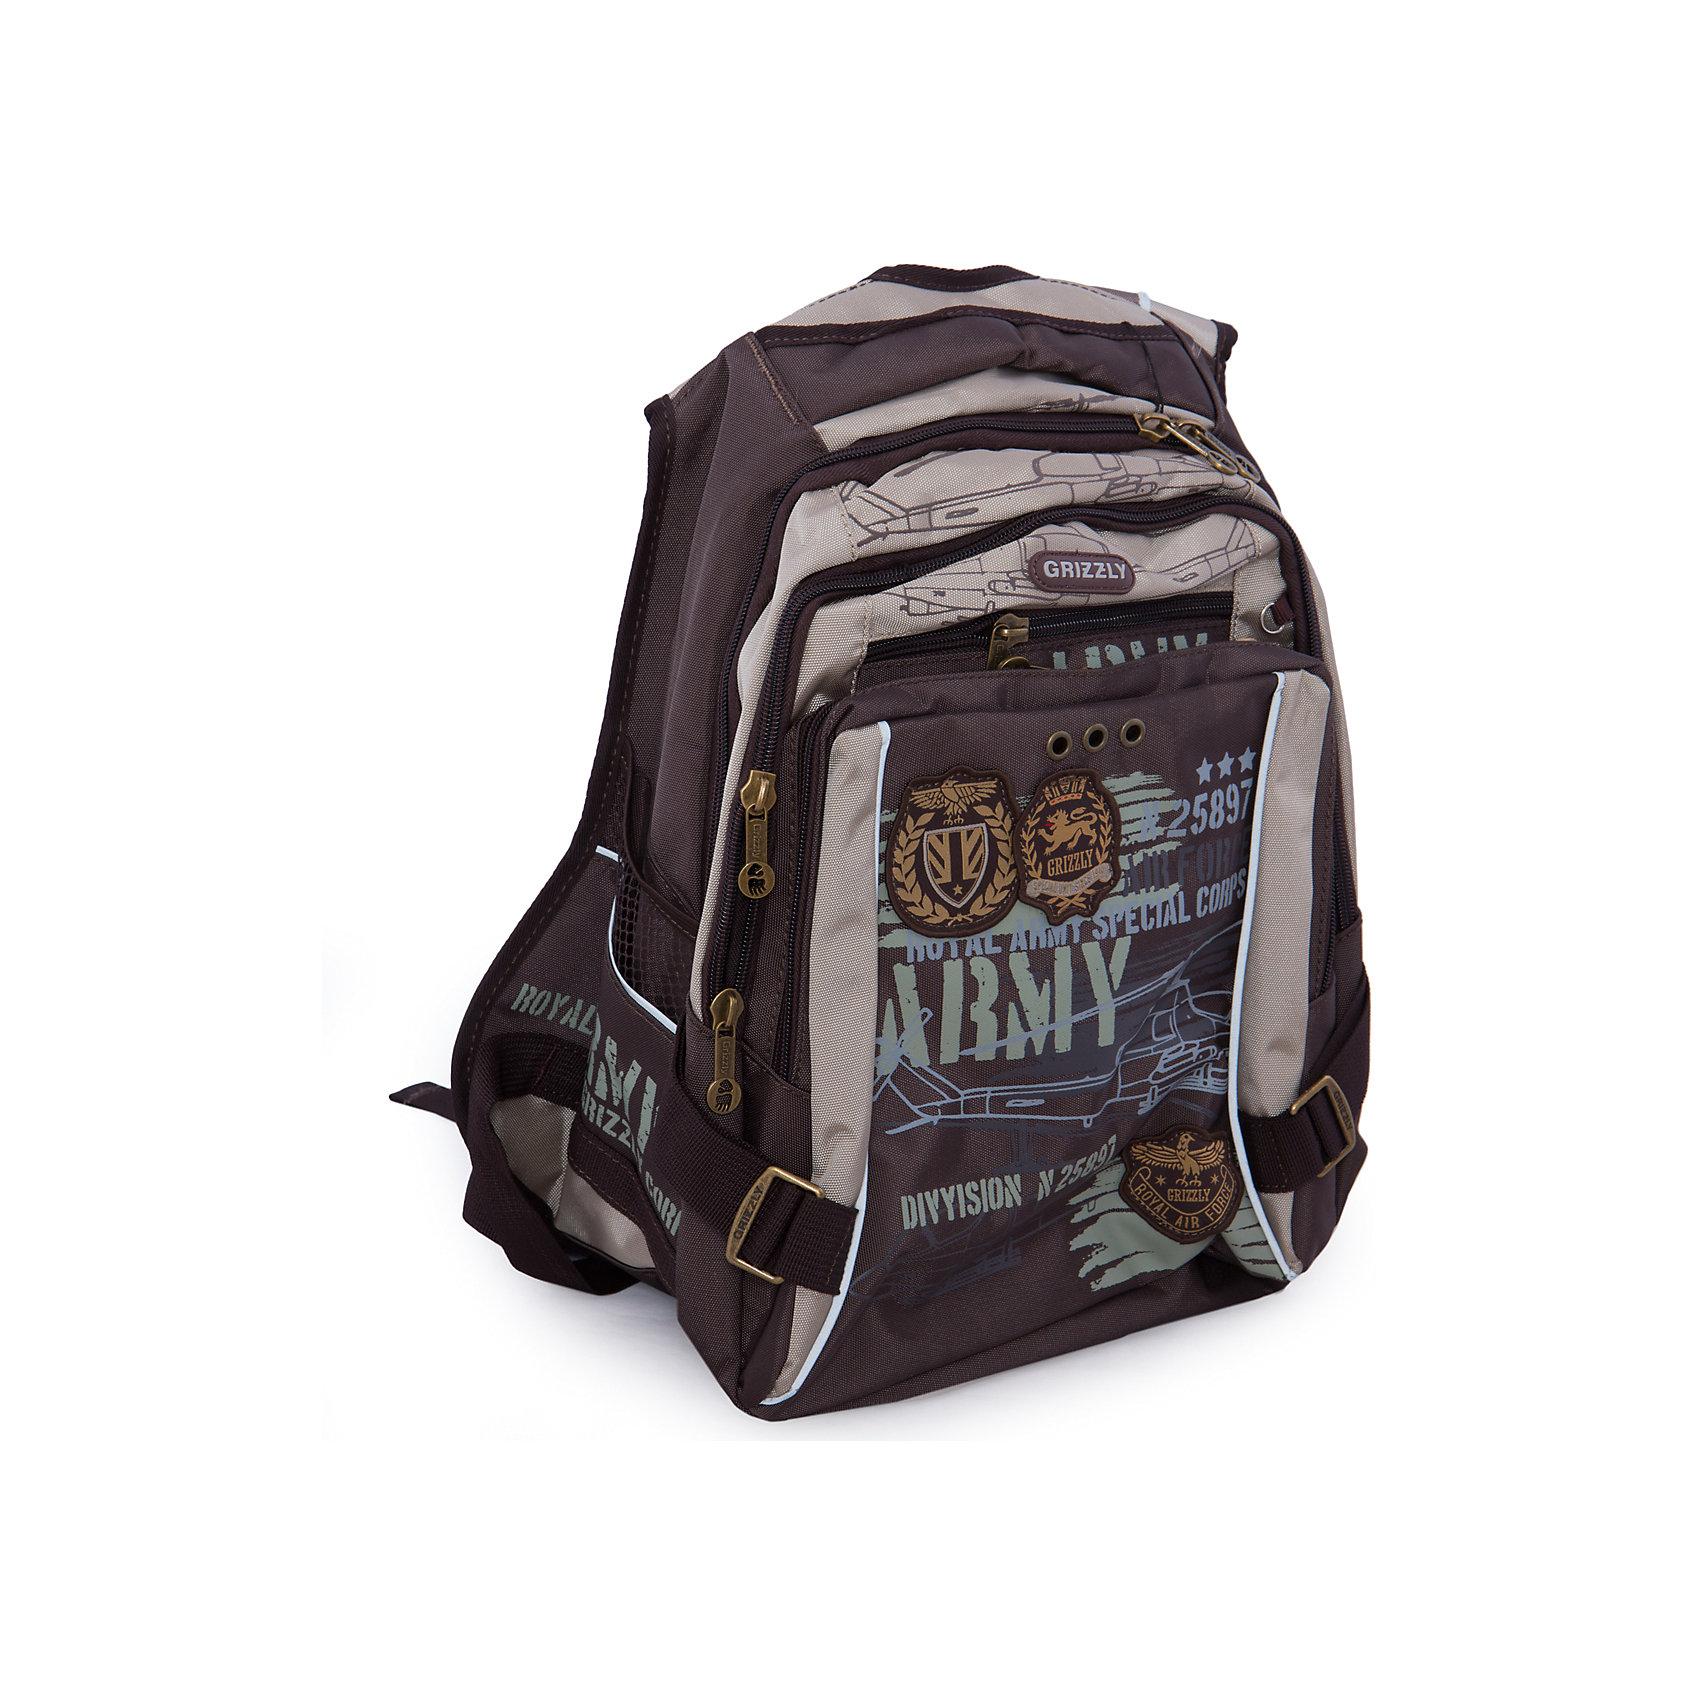 Рюкзак школьный Grizzly, коричнево-бежевыйРюкзаки<br>Школьный рюкзак, коричнево-бежевый, Grizzly (Гризли) ? рюкзак отечественного бренда Гризли школьной серии.  Рюкзак  выполнен из нейлона высокого качества, что обеспечивает, с одной стороны, легкий вес, а с другой ? надежность и прочность. Все швы выполнены капроновыми нитками, что делает швы особенно крепкими и устойчивыми к износу даже в течение нескольких лет. <br>Внутреннее устройство рюкзака состоит из двух вместительных отсеков, внутреннего кармана-пенала для карандашей и кармана на молнии. Также имеется откидное дно, что увеличивает устойчивость рюкзака. На передней стенке имеются 2 кармана, застегивающихся на молнию, по бокам – объемные карманы. Удобство и эргономичность рюкзака создается за счет жесткой анатомической спинки, укрепленных лямок и мягкой укрепленной ручки. С четырех сторон рюкзака имеются светоотражающие элементы. Уникальность рюкзаков Grizzly заключается в том, что анатомическая спинка изготовлена из специальной ткани, которая пропускает воздух, тем самым защищает спину от повышенного потоотделения.<br>Все рюкзаки школьной серии Grizzly (Гризли) имеют оригинальный современный дизайн. Школьный рюкзак, коричнево-бежевый, Grizzly (Гризли) выполнен в коричневом цвете с яркими элементами. Передний карман украшен большой яркой аппликацией, изображающей самолет.<br>Школьный рюкзак, коричнево-бежевый, Grizzly (Гризли) ? это качество материалов, удобство, стиль и долговечность использования. <br><br>Дополнительная информация:<br><br>- Вес: 1 кг 100 г<br>- Габариты (Д*Г*В): 27*24*43 см<br>- Цвет: коричневый, бежевый<br>- Материал: полиэстер <br>- Сезон: круглый год<br>- Коллекция: школьная <br>- Год коллекции: 2016 <br>- Пол: мужской<br>- Предназначение: для школы<br>- Особенности ухода: можно чистить влажной щеткой или губкой, допускается ручная стирка<br><br>Подробнее:<br><br>• Для школьников в возрасте: от 6 лет и до 10 лет<br>• Страна производитель: Россия<br>• Торговый бренд: Grizzly<br><br>Школь